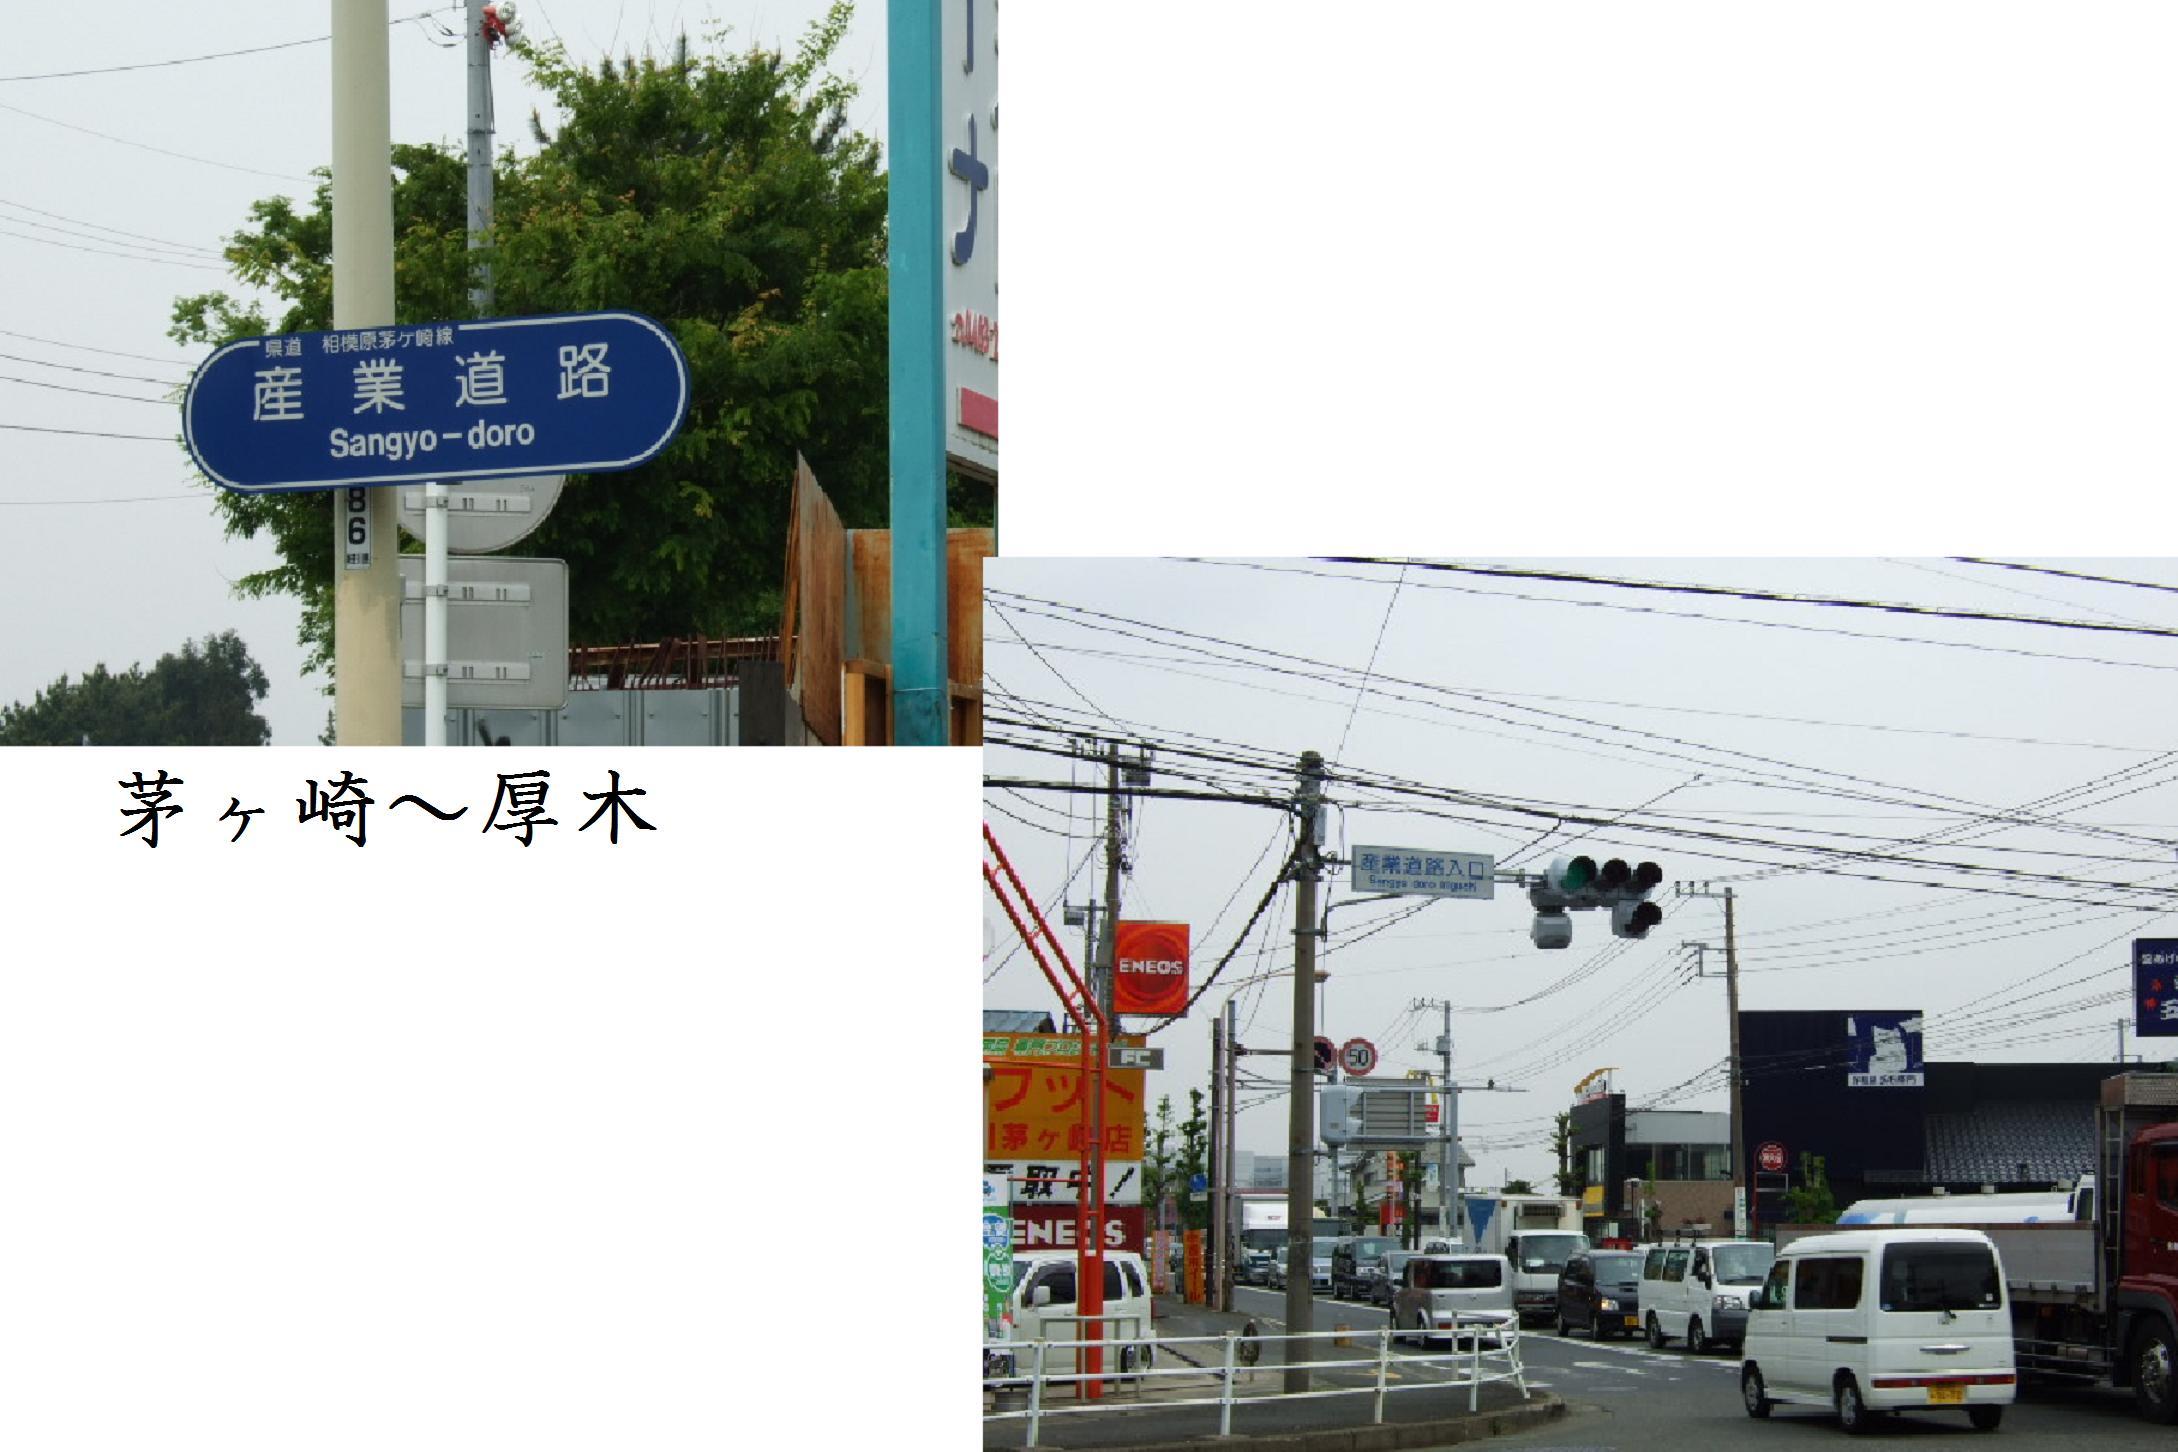 茅ケ崎サザン通りは、大盛況?_b0137932_1844126.jpg